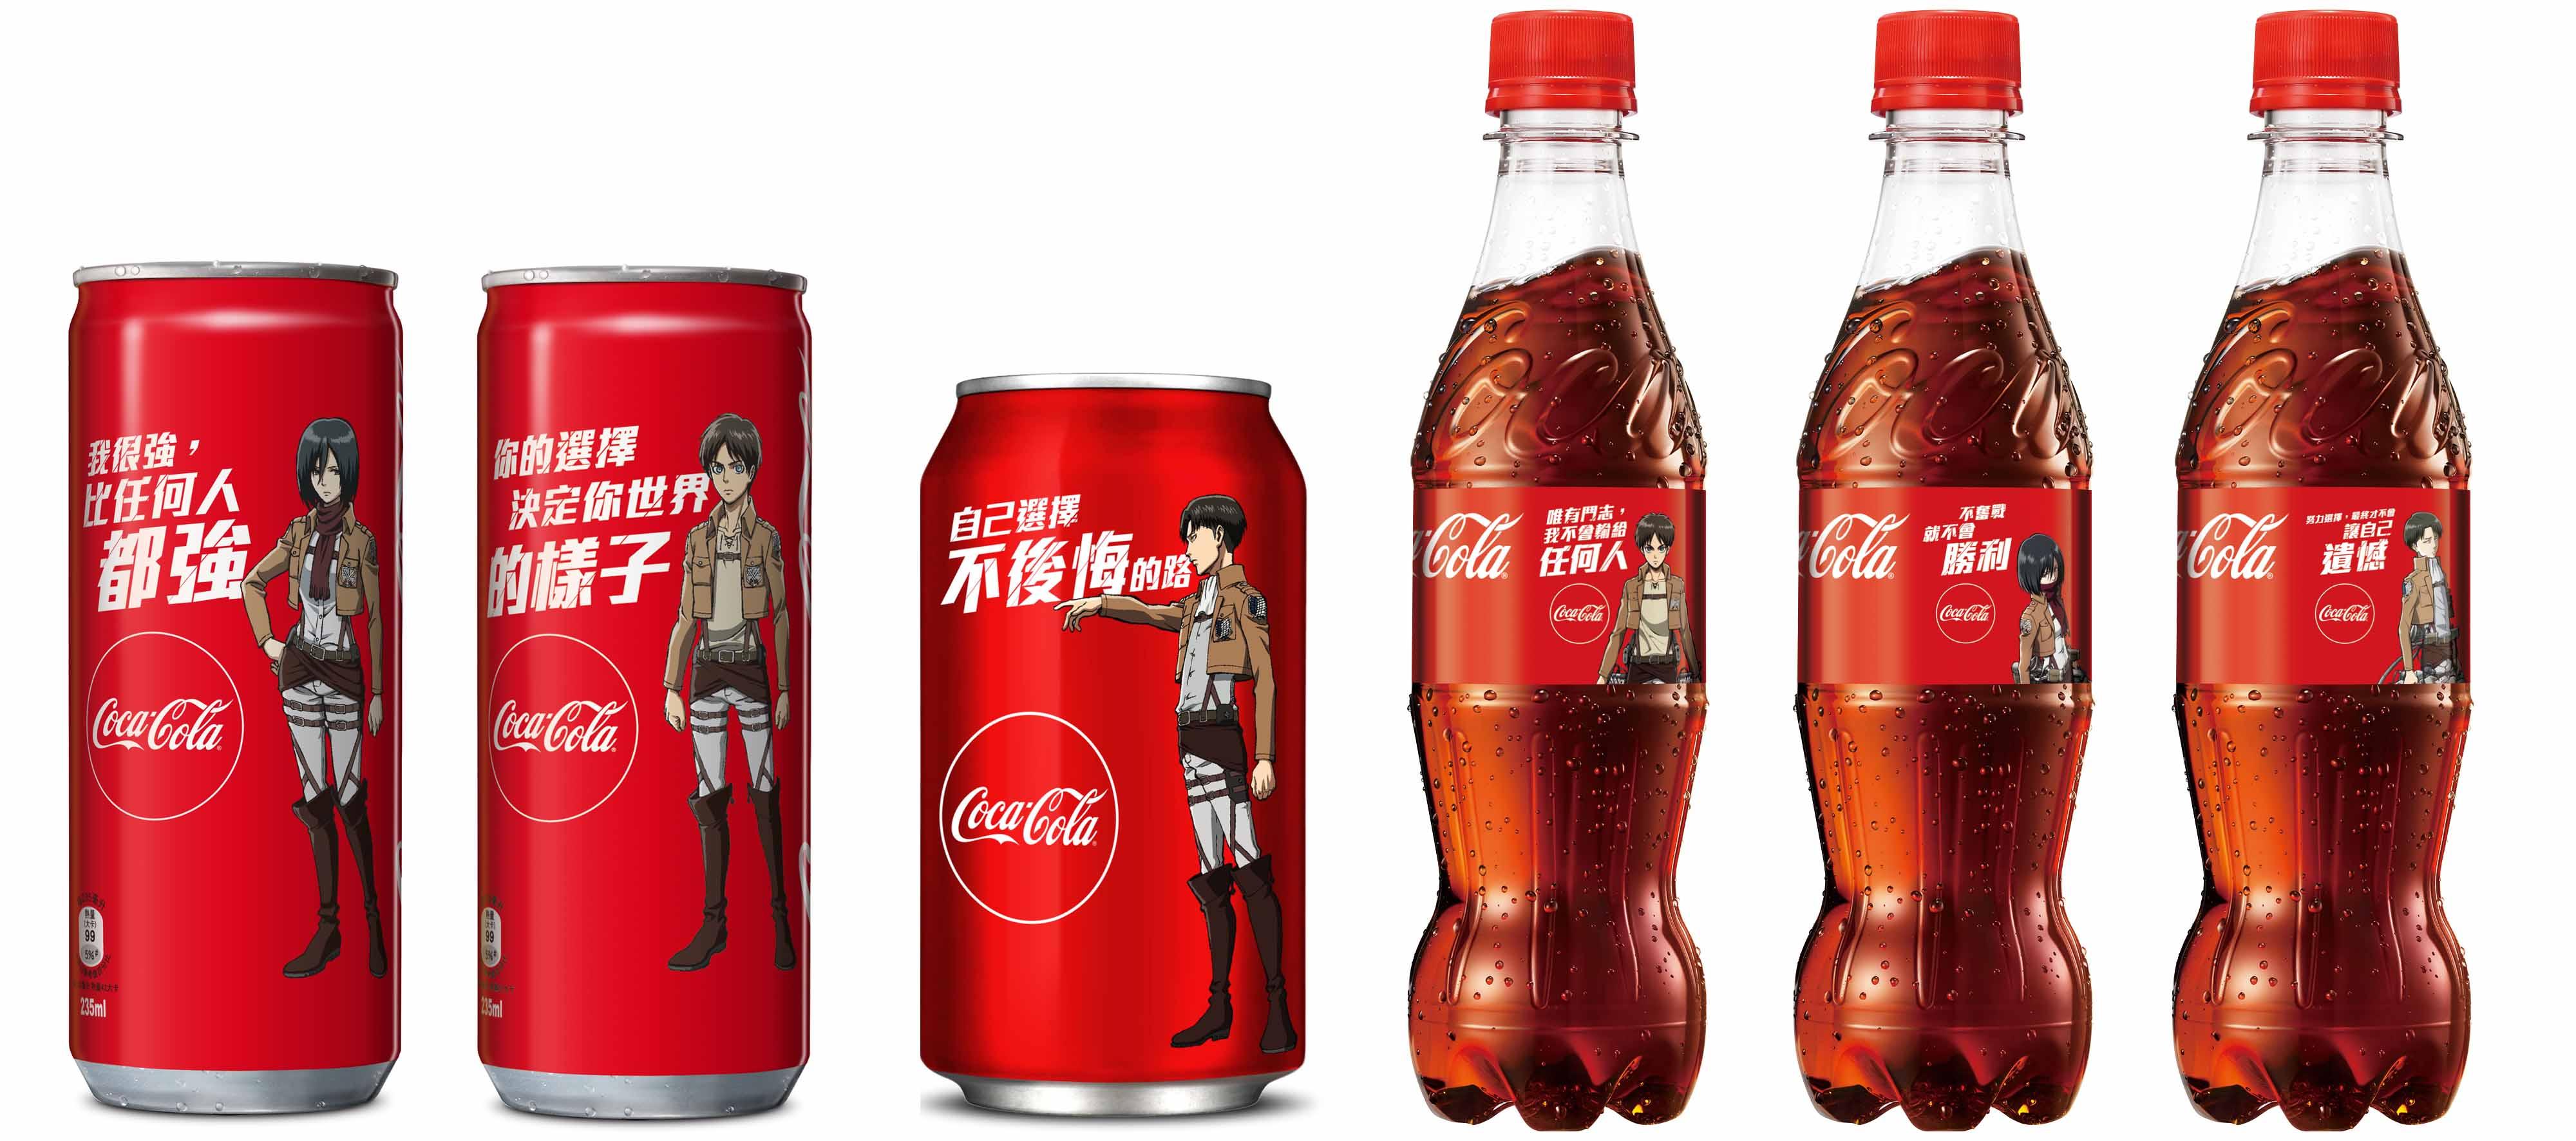 重現動漫經典對白!「可口可樂」跨界日本動漫推出限量「熱血瓶」人氣動漫《進擊的巨人》攻佔「可口可樂」瓶身